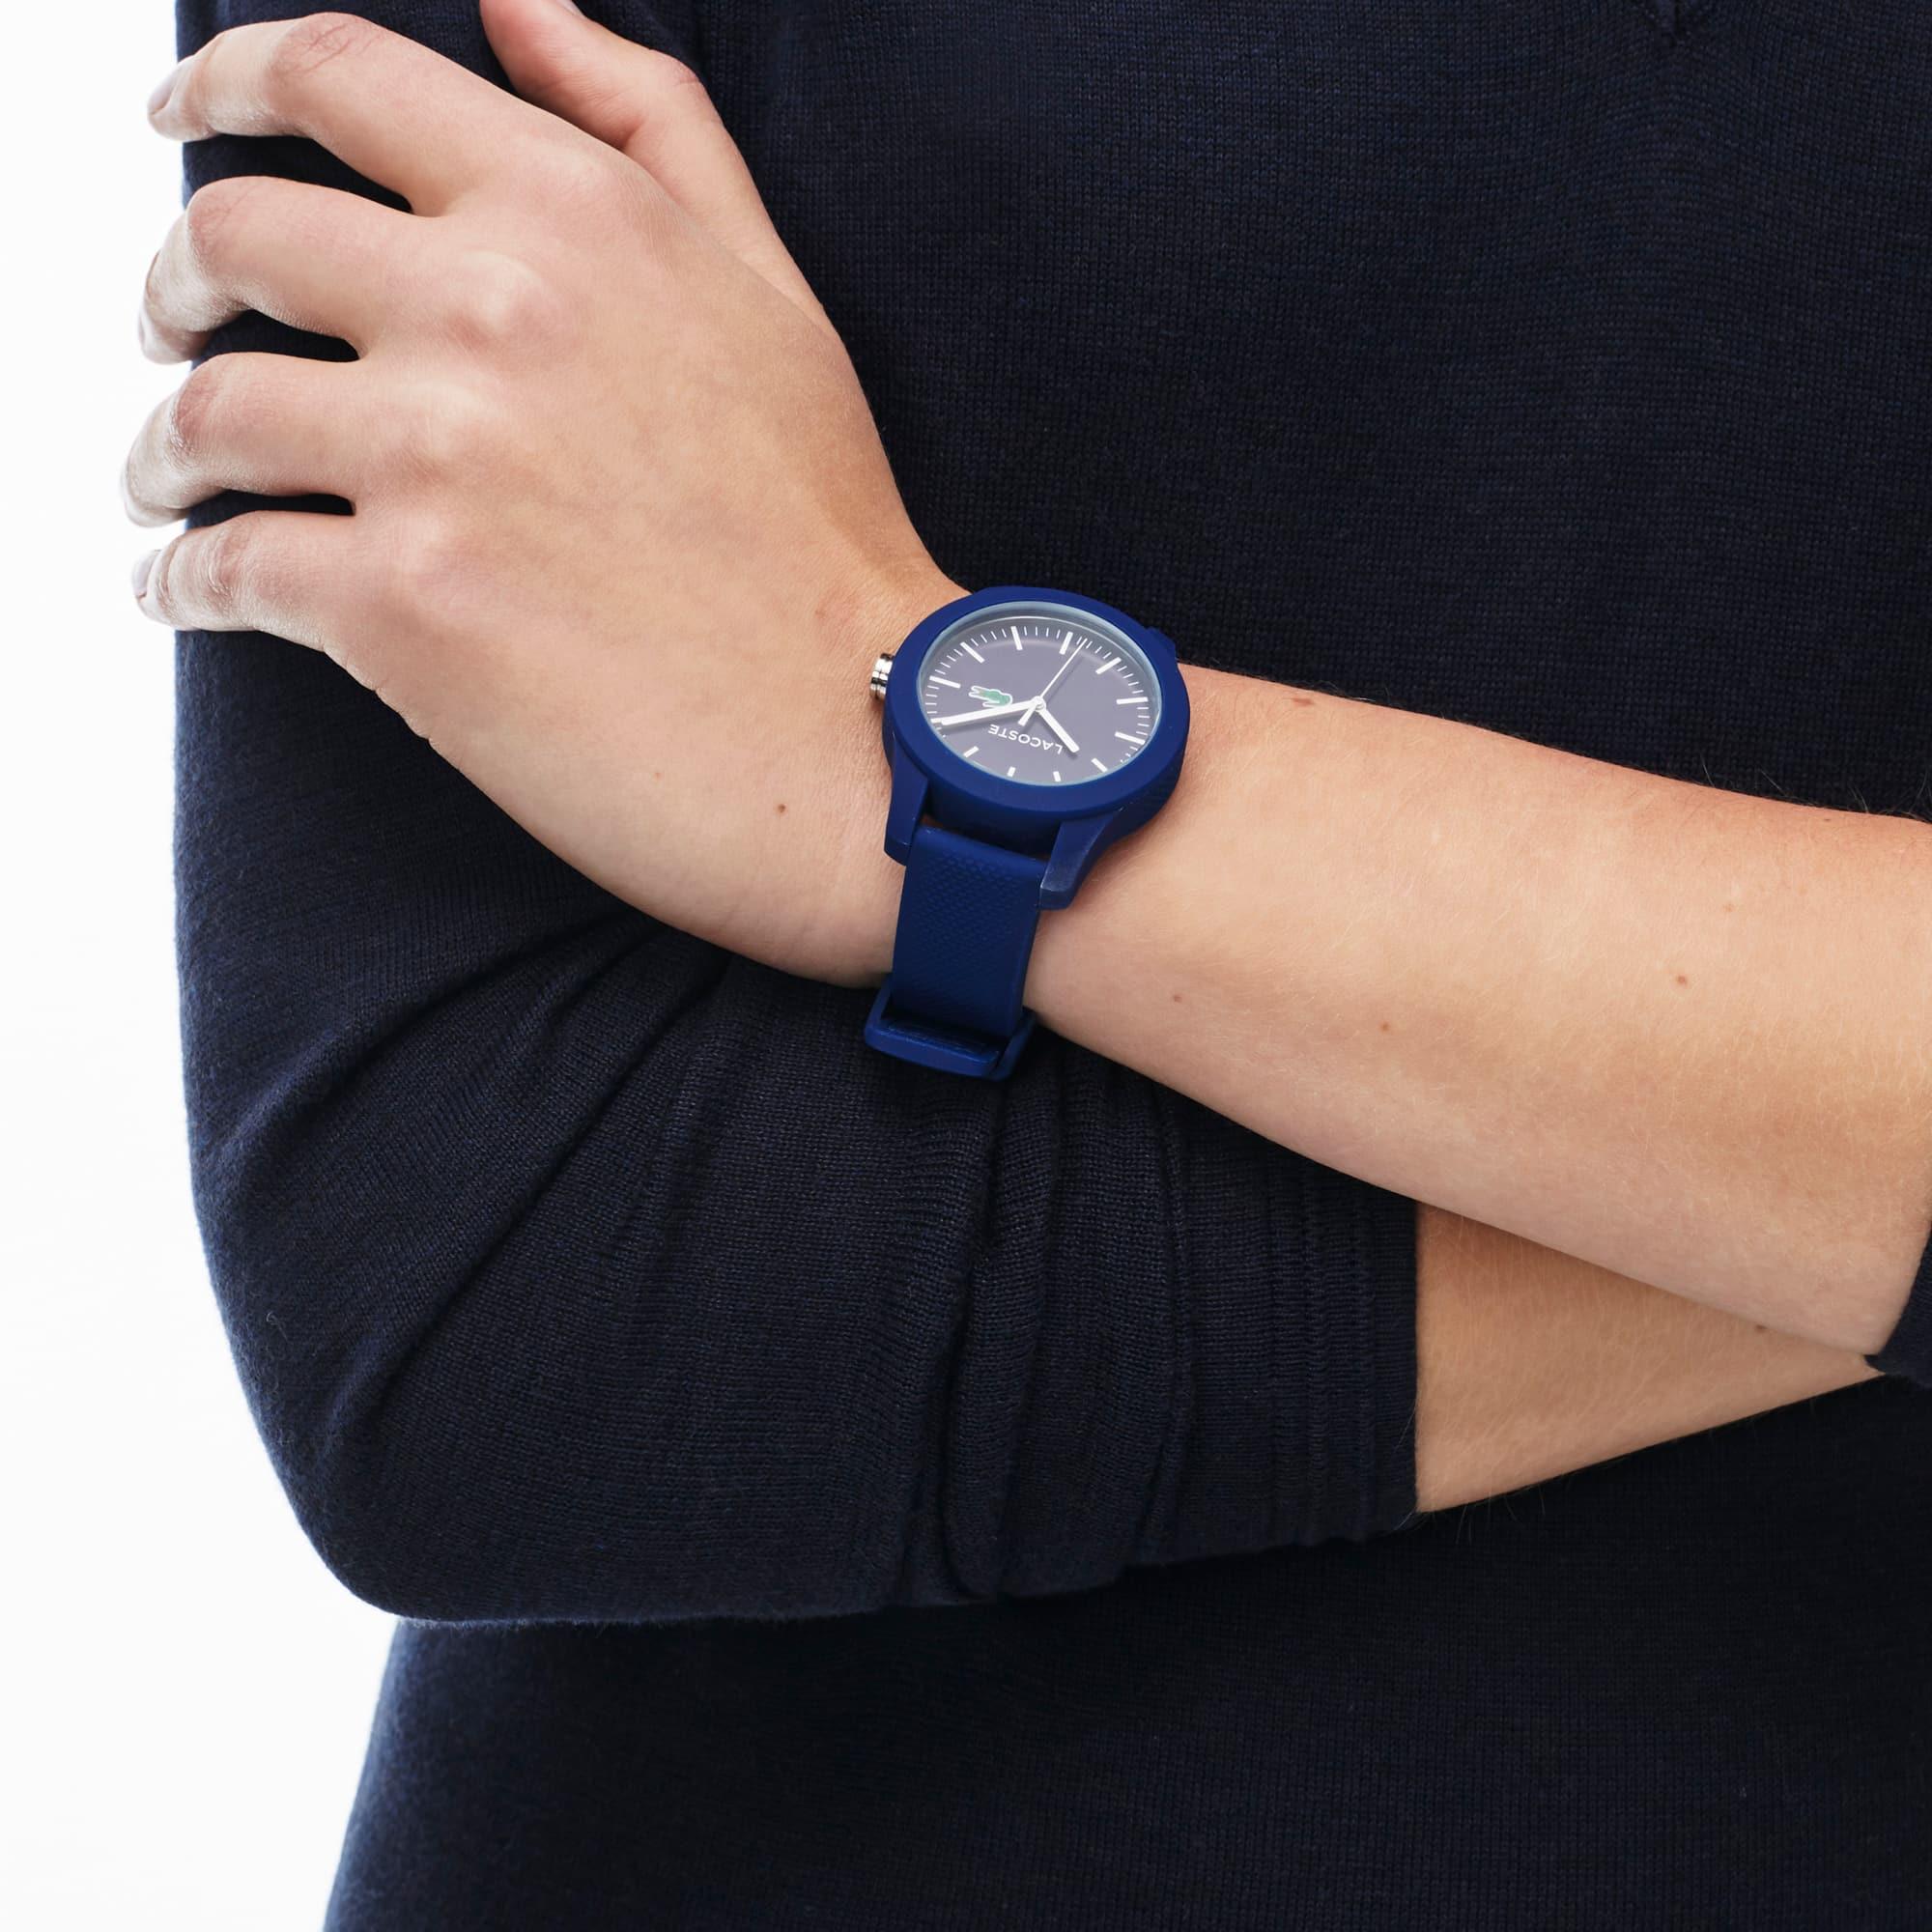 Lacoste 12 Silikonband Blauem 12 Damenuhr Mit mnNv80w